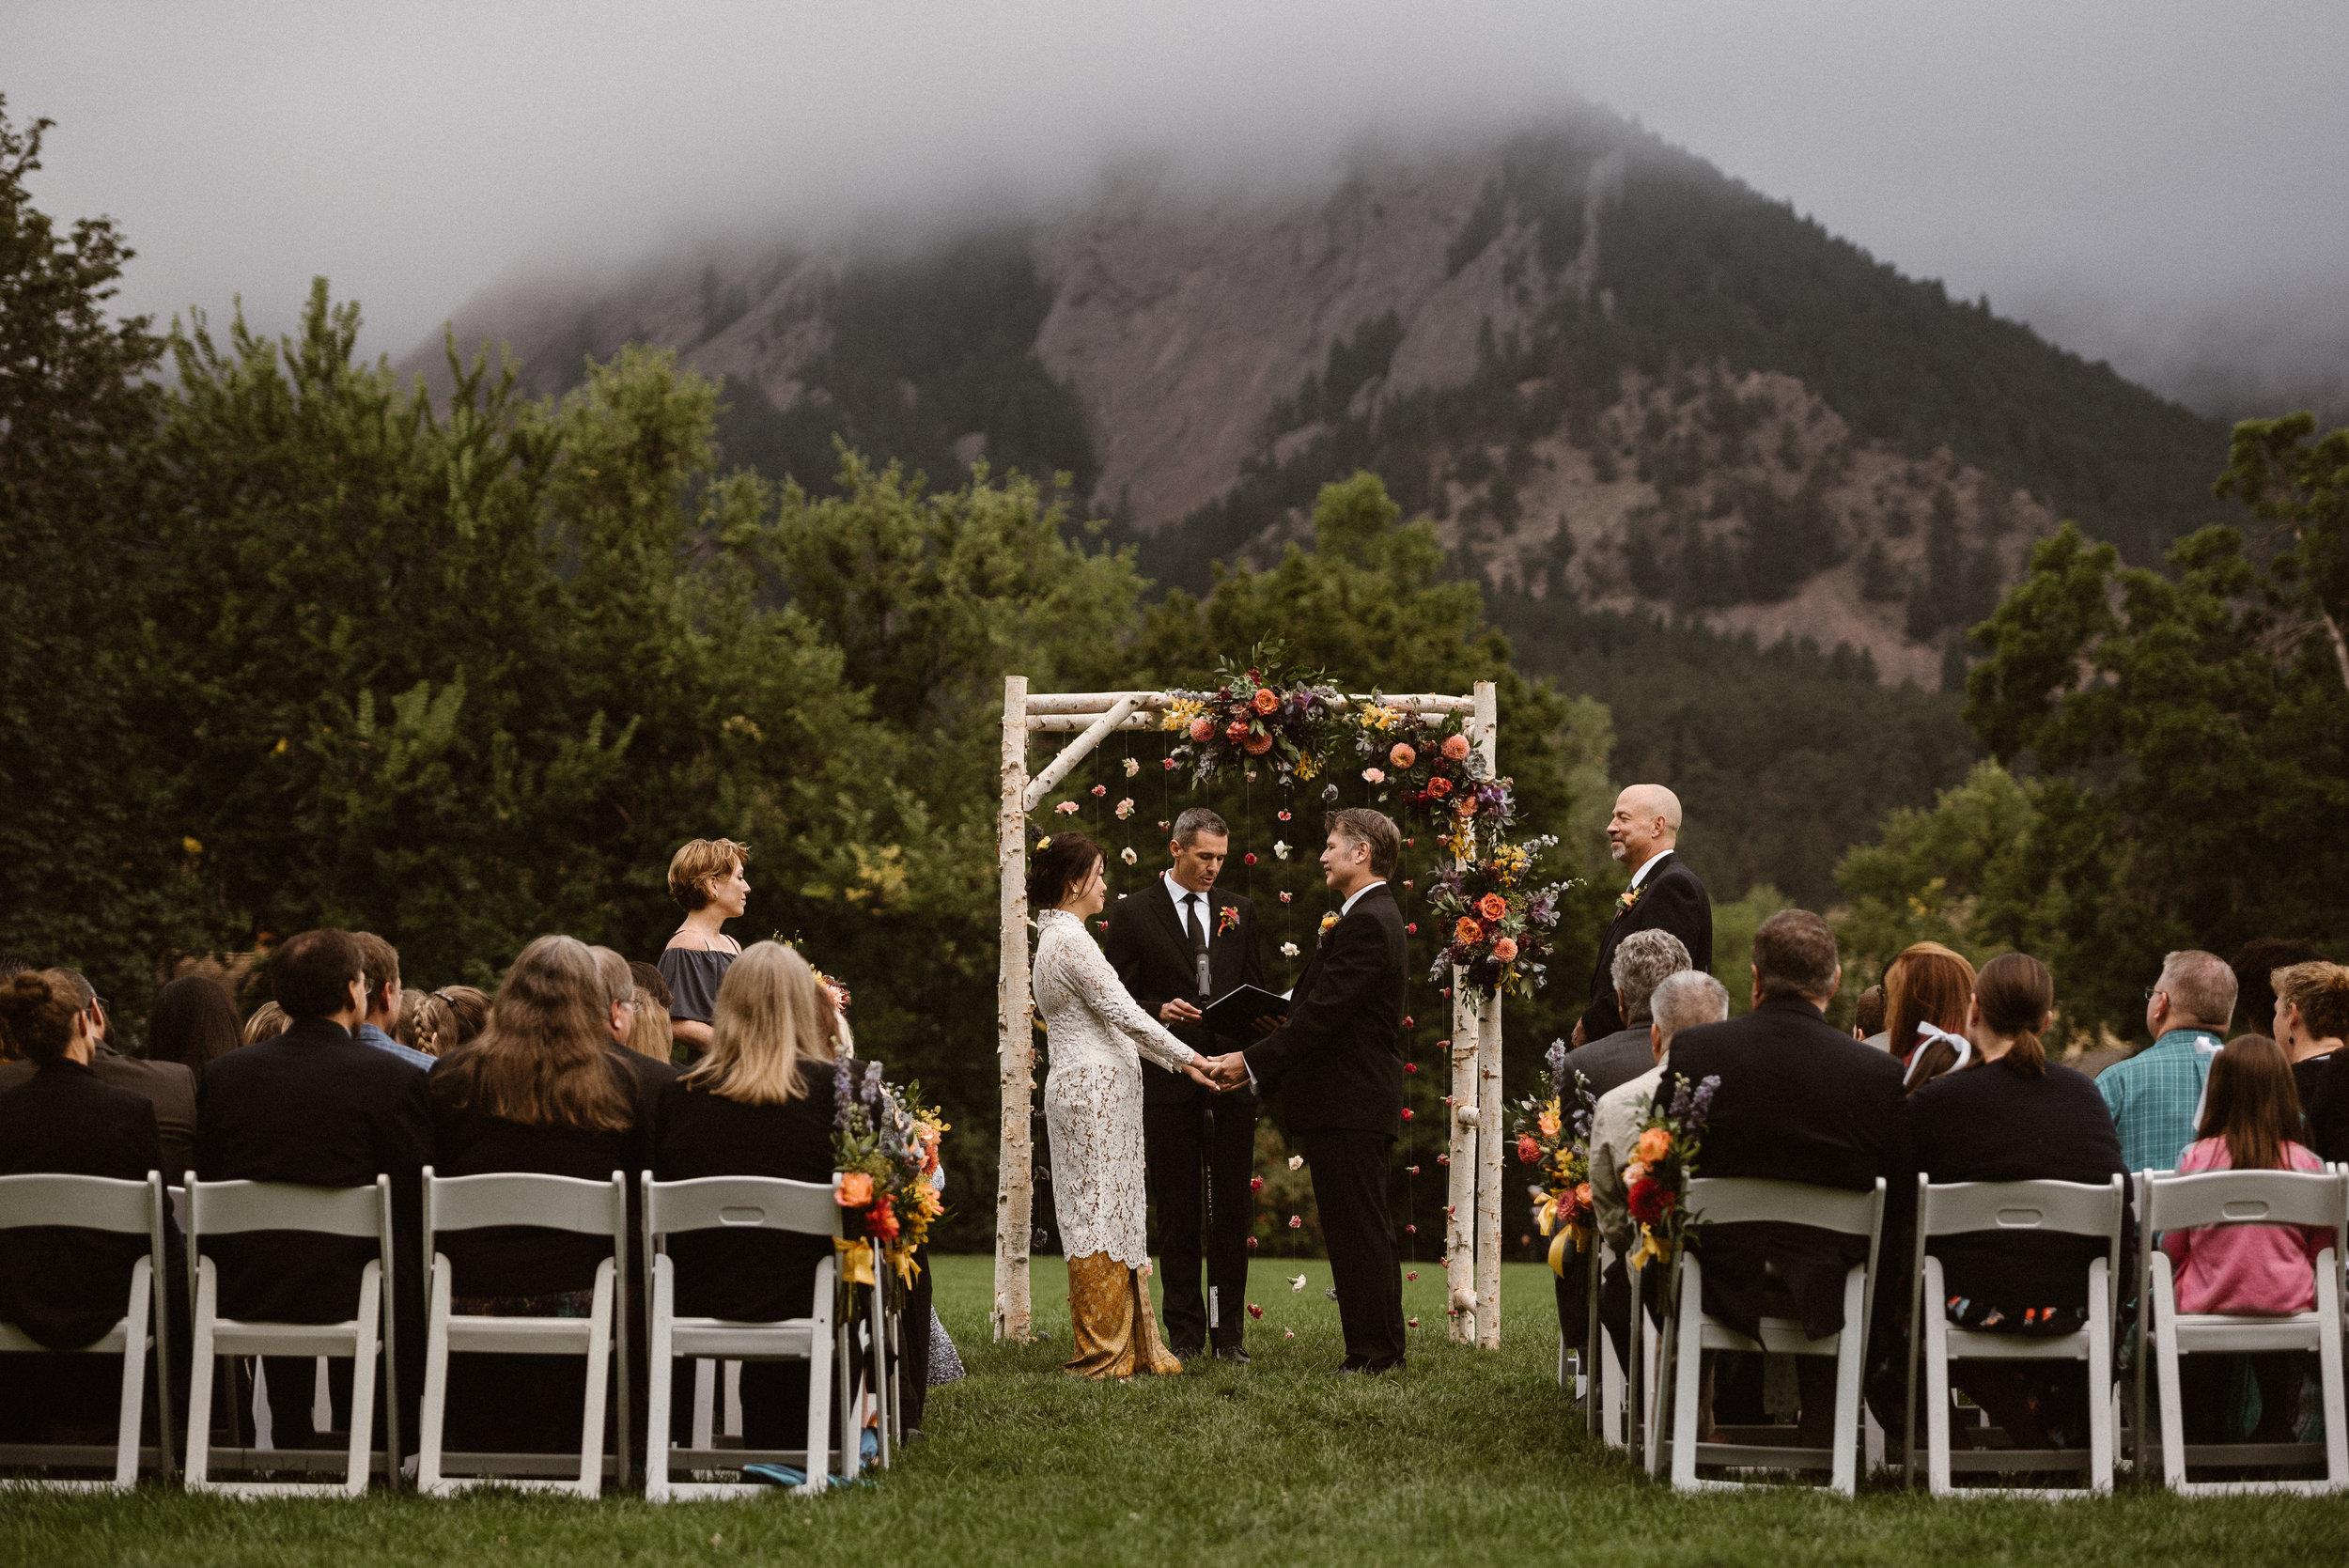 Chautauqua Park Wedding Ceremony in Boulder, Colorado